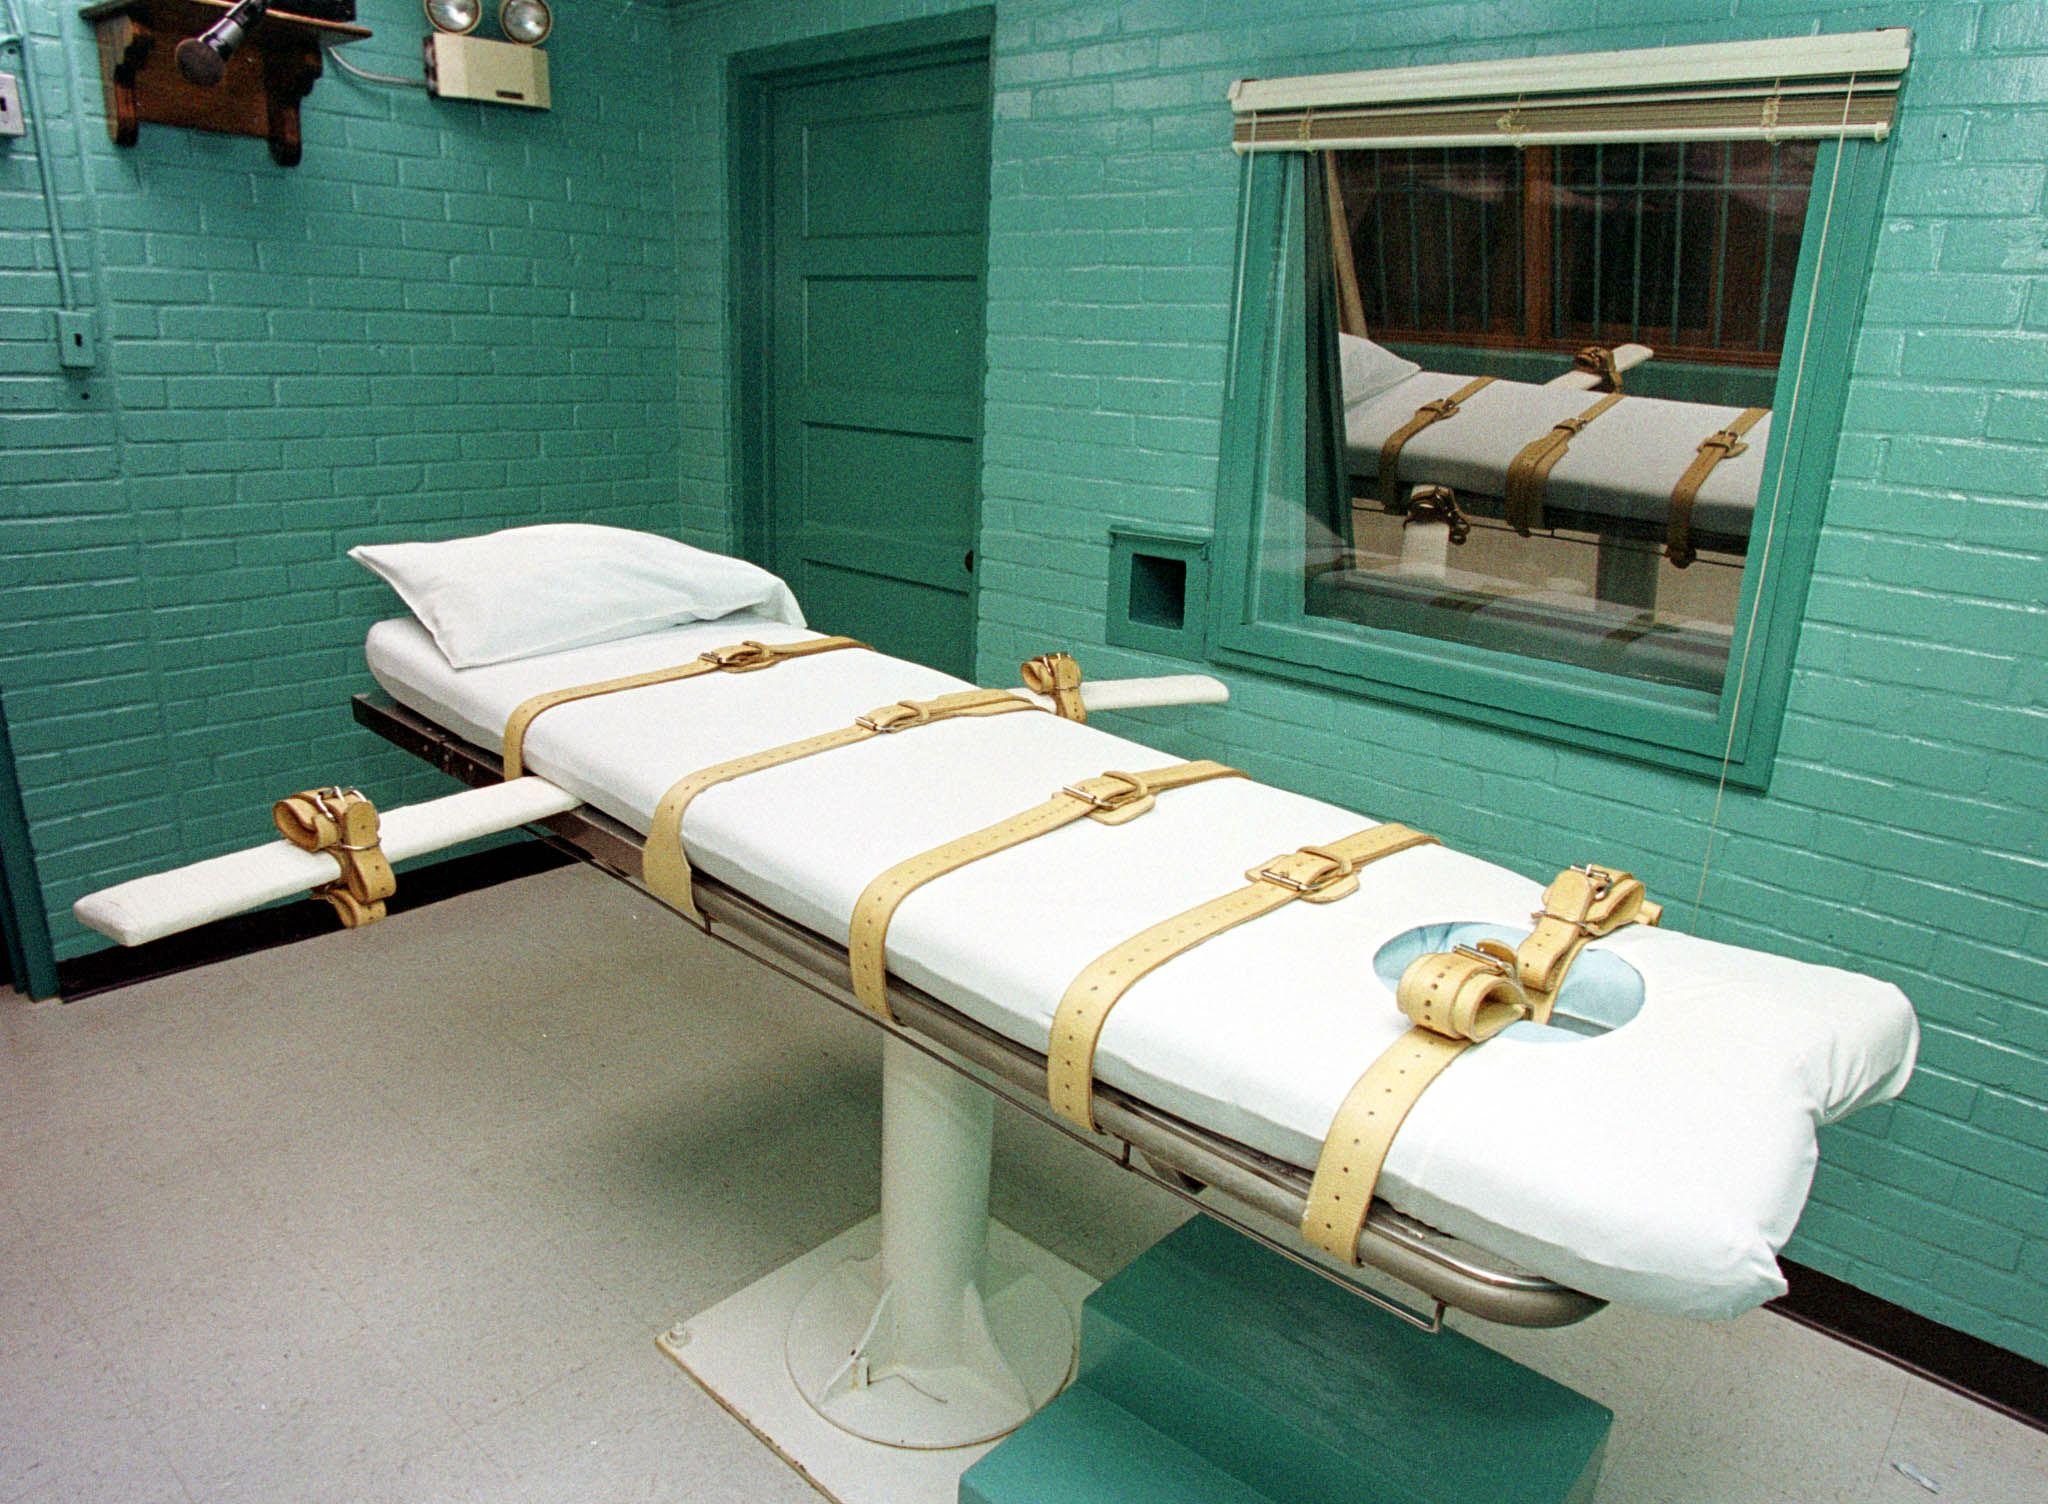 PÚBLICO - Condenado à morte nos EUA agonizou durante 13 minutos